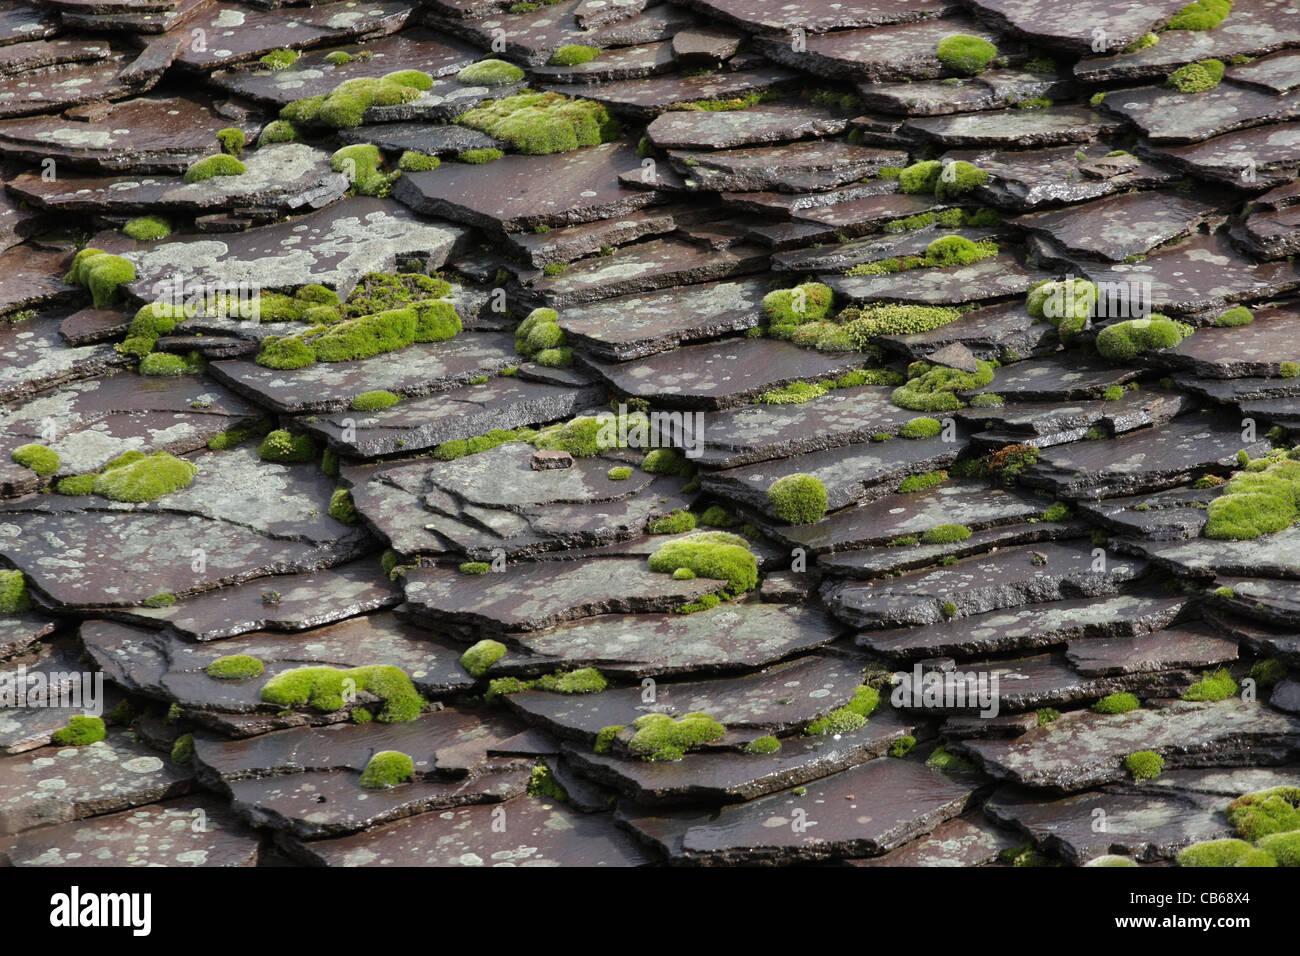 Tetto in ardesia piastrelle di pietra con muschi e licheni sul